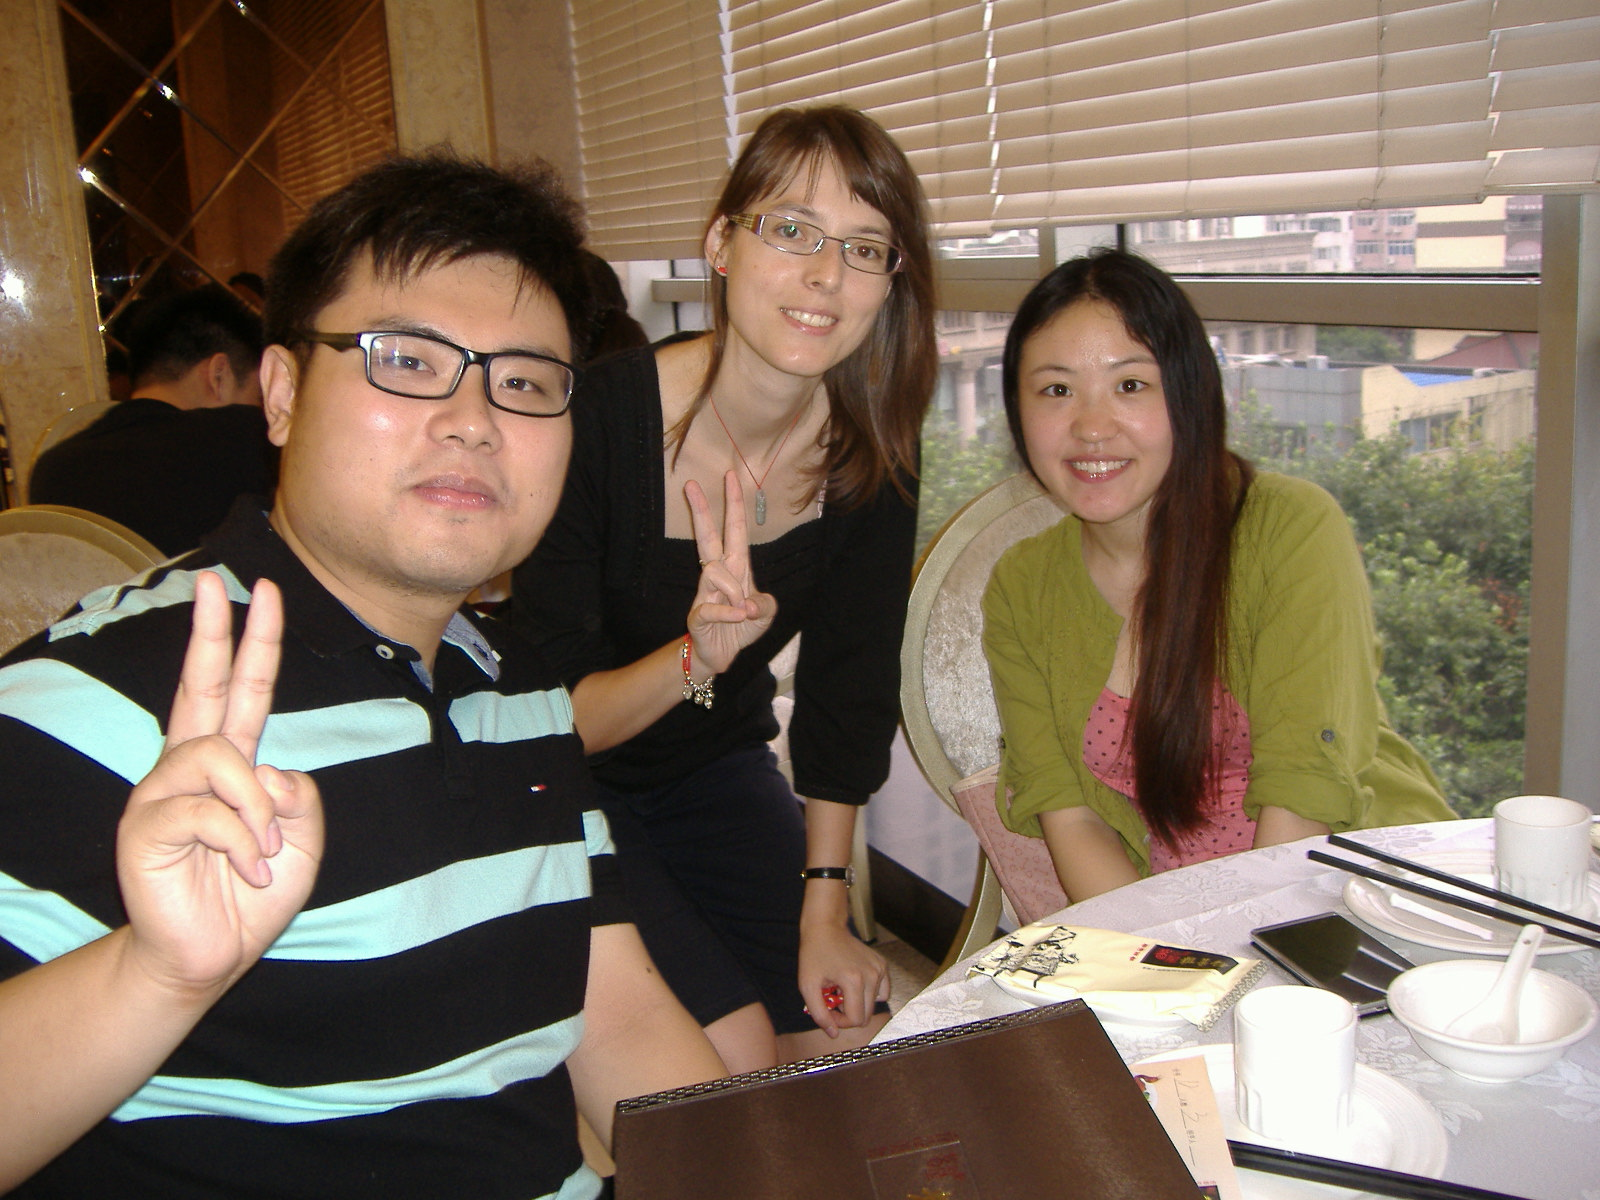 Williammel és Gloriával a kantoni konyhás étteremben